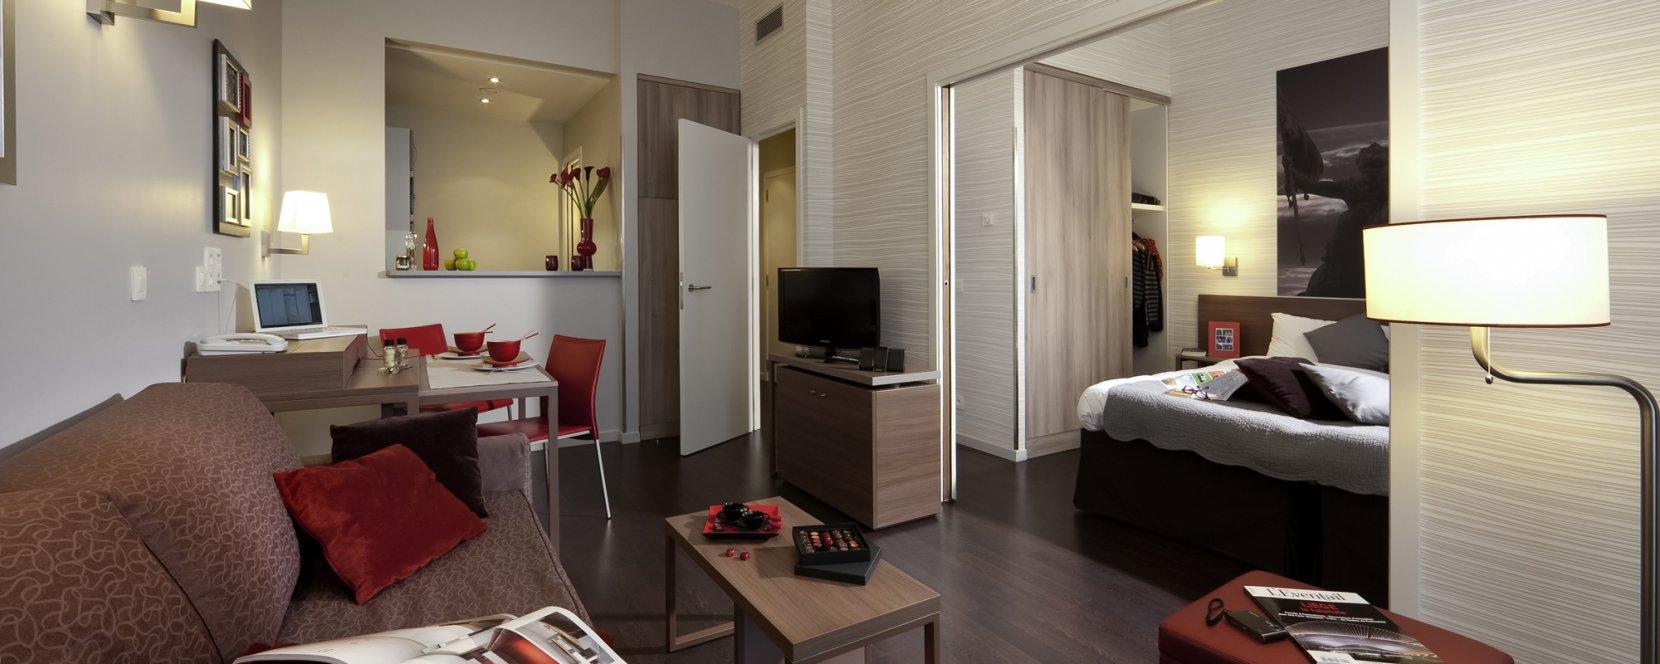 Aparthotels Adagio poursuit son développement à l'international